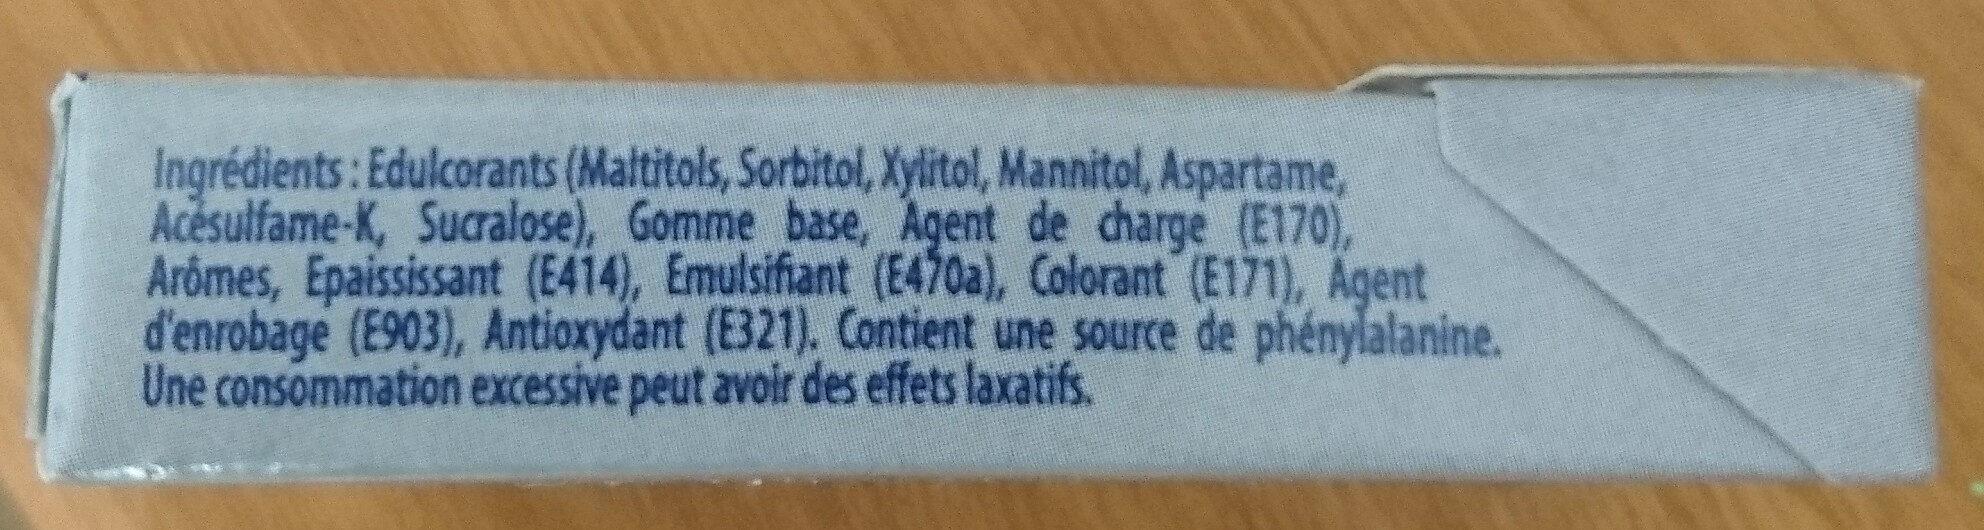 Hollywood Blancheur parfum menthe polaire s/ sucres - Produit